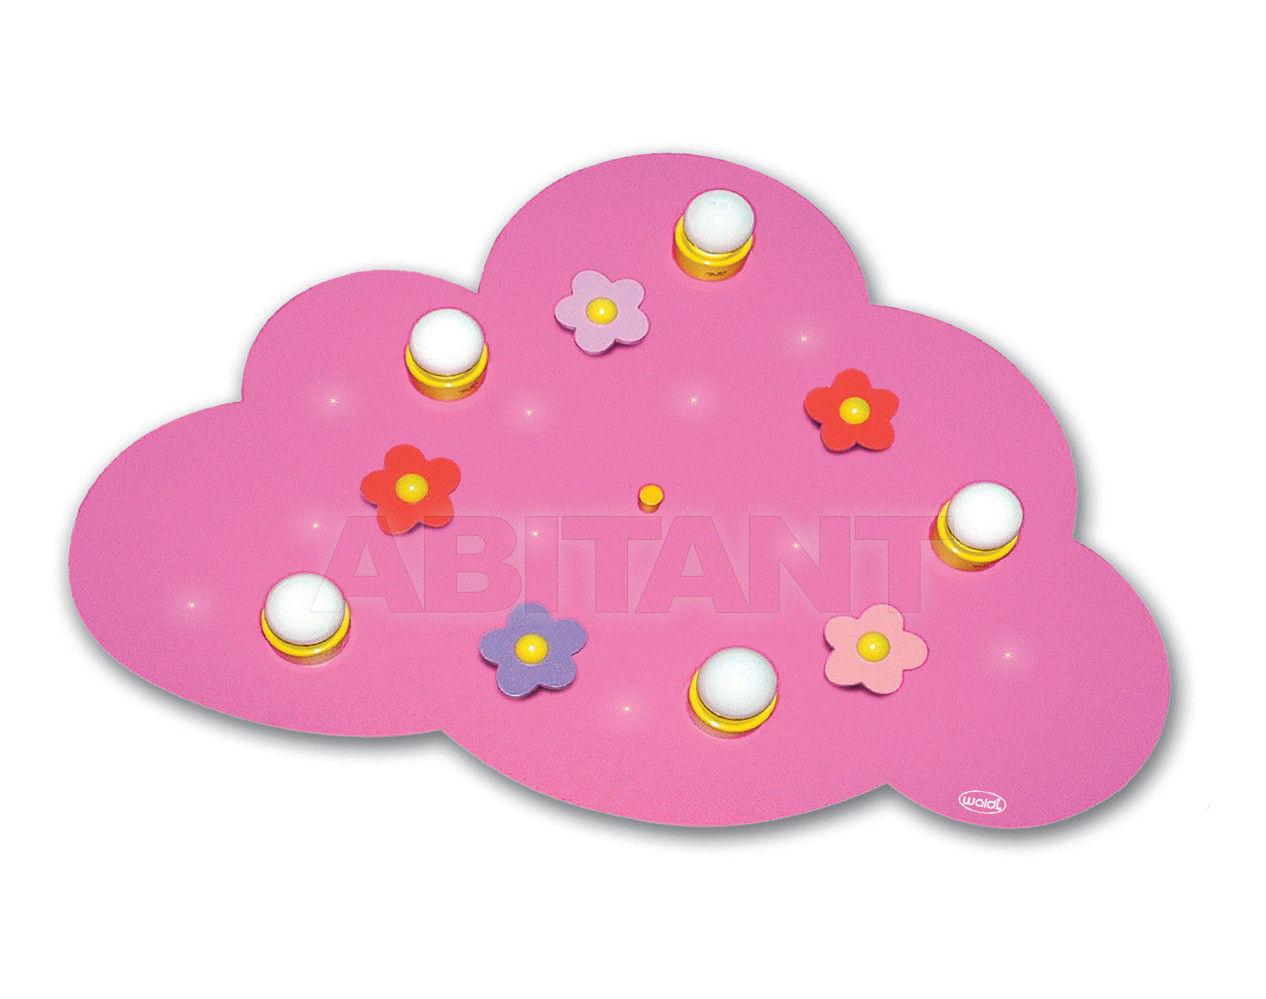 Купить Светильник для детской  Waldi Leuchten Lampen Fur Kinder 2012 66140.0